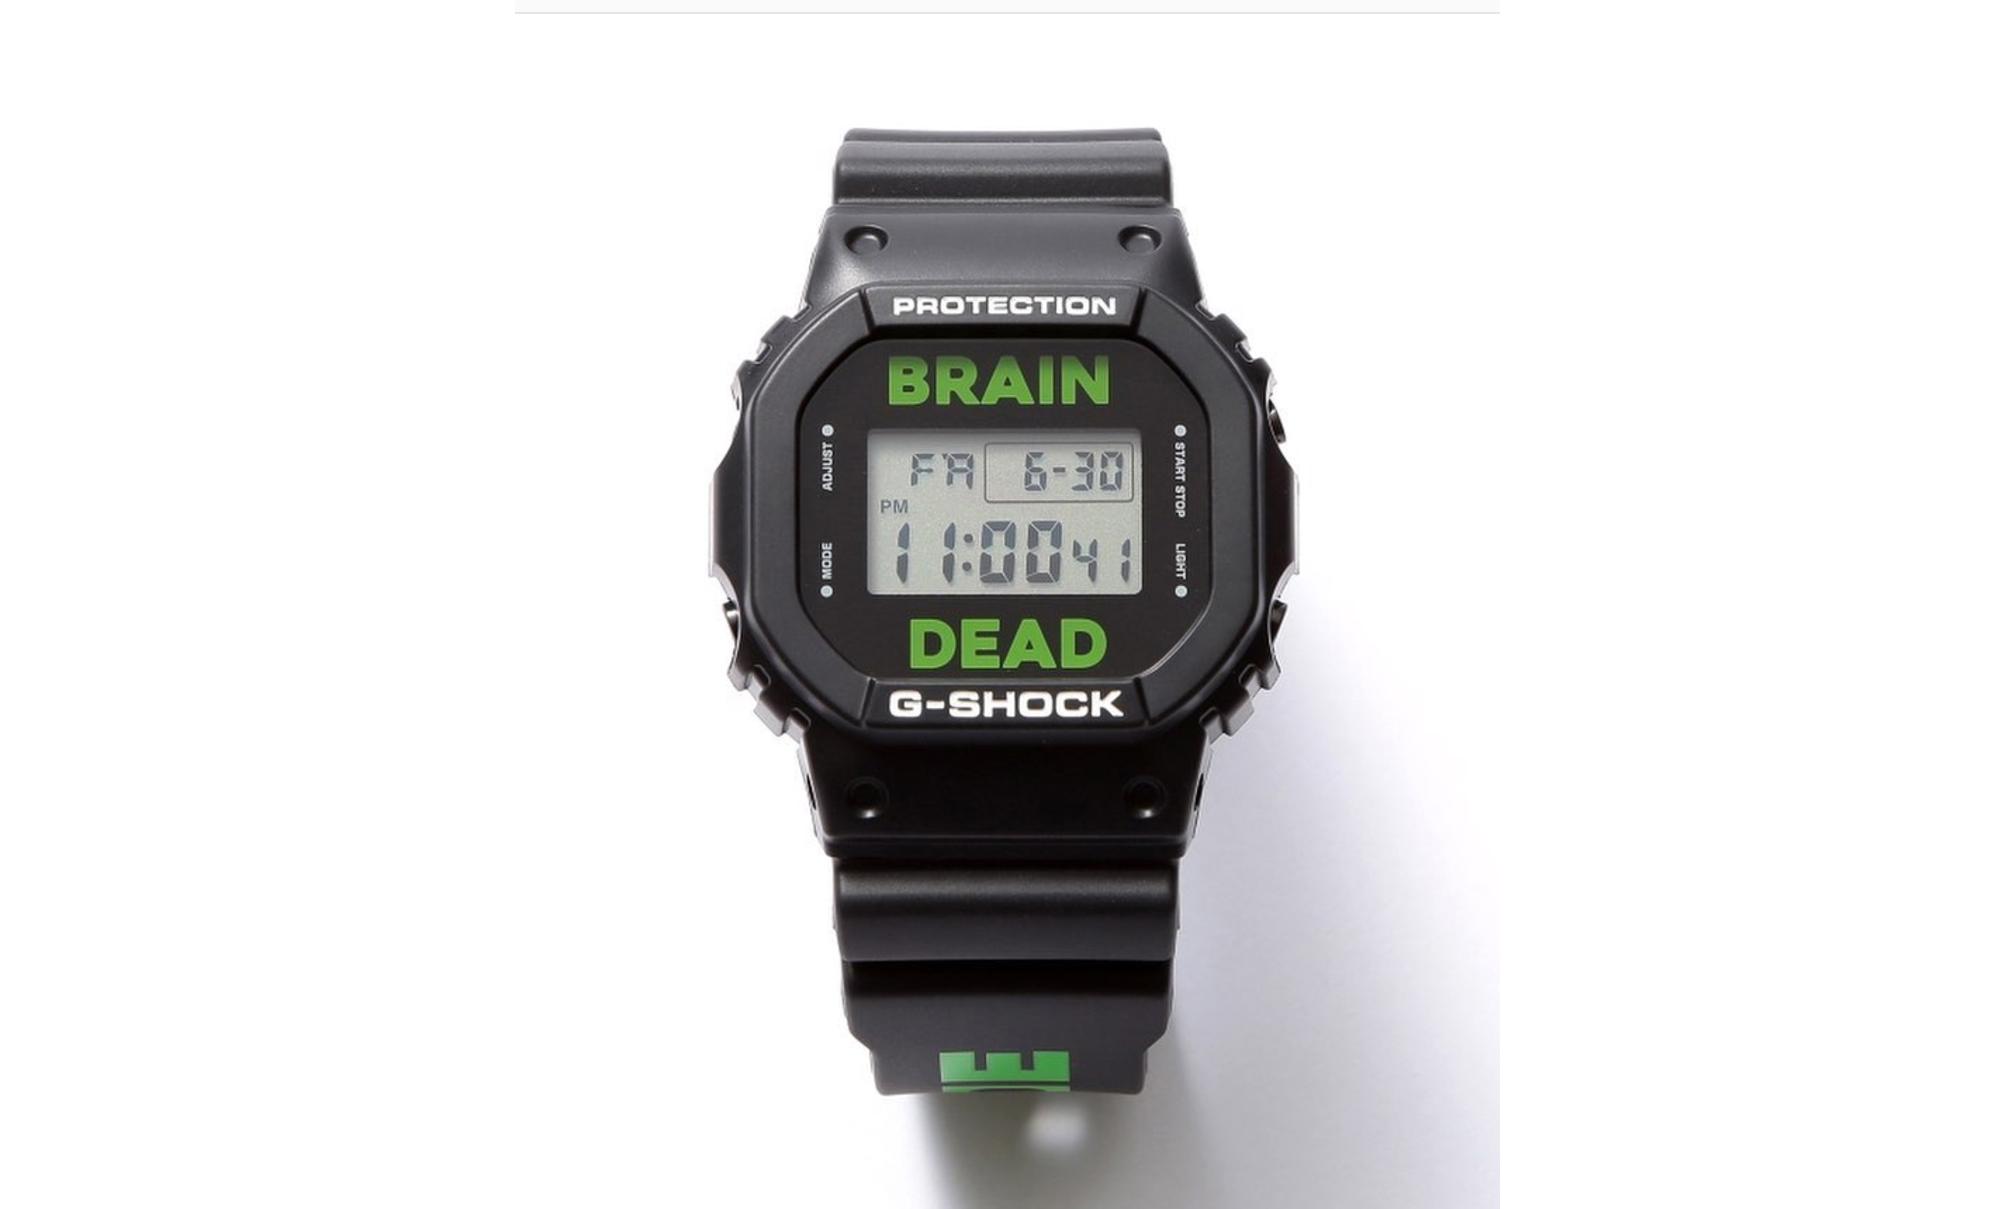 Brain Dead x G-SHOCK 推出限定别注手表